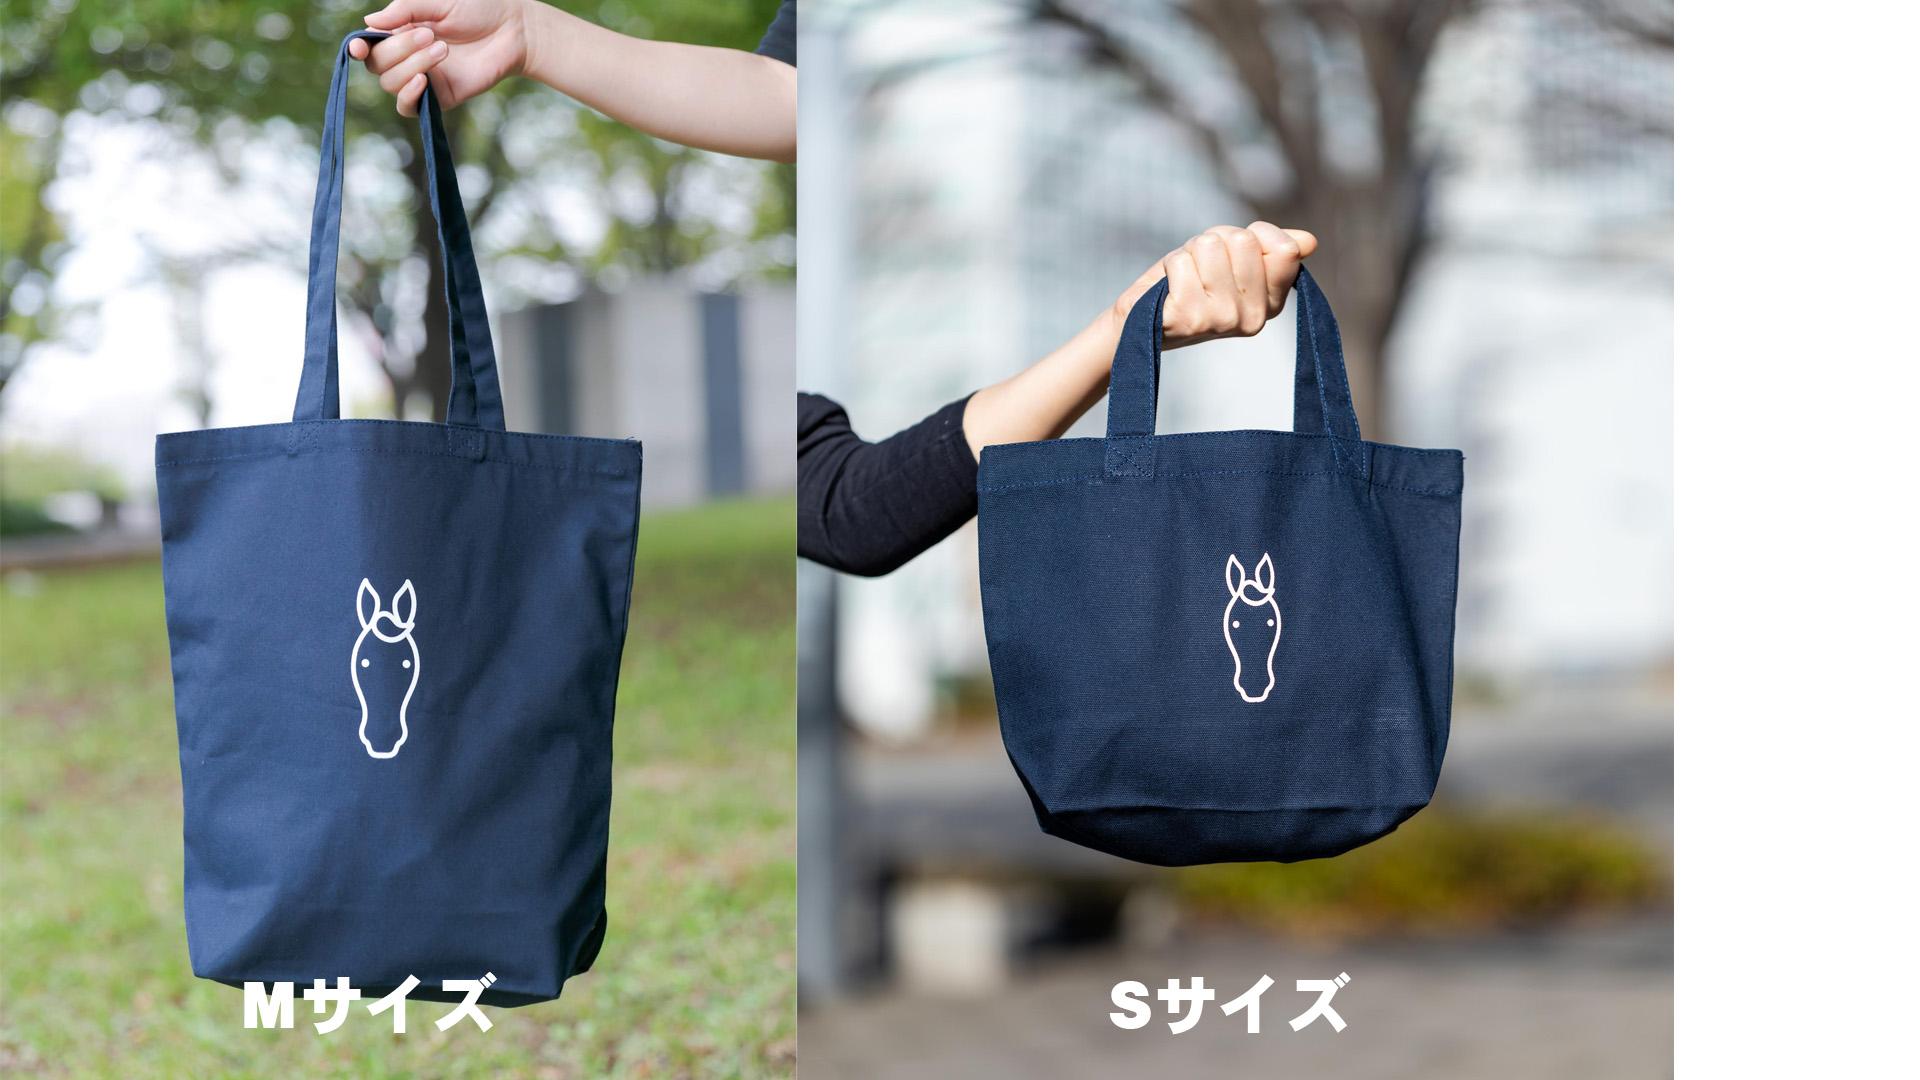 【お詫び】トートバッグS 誤配送の件